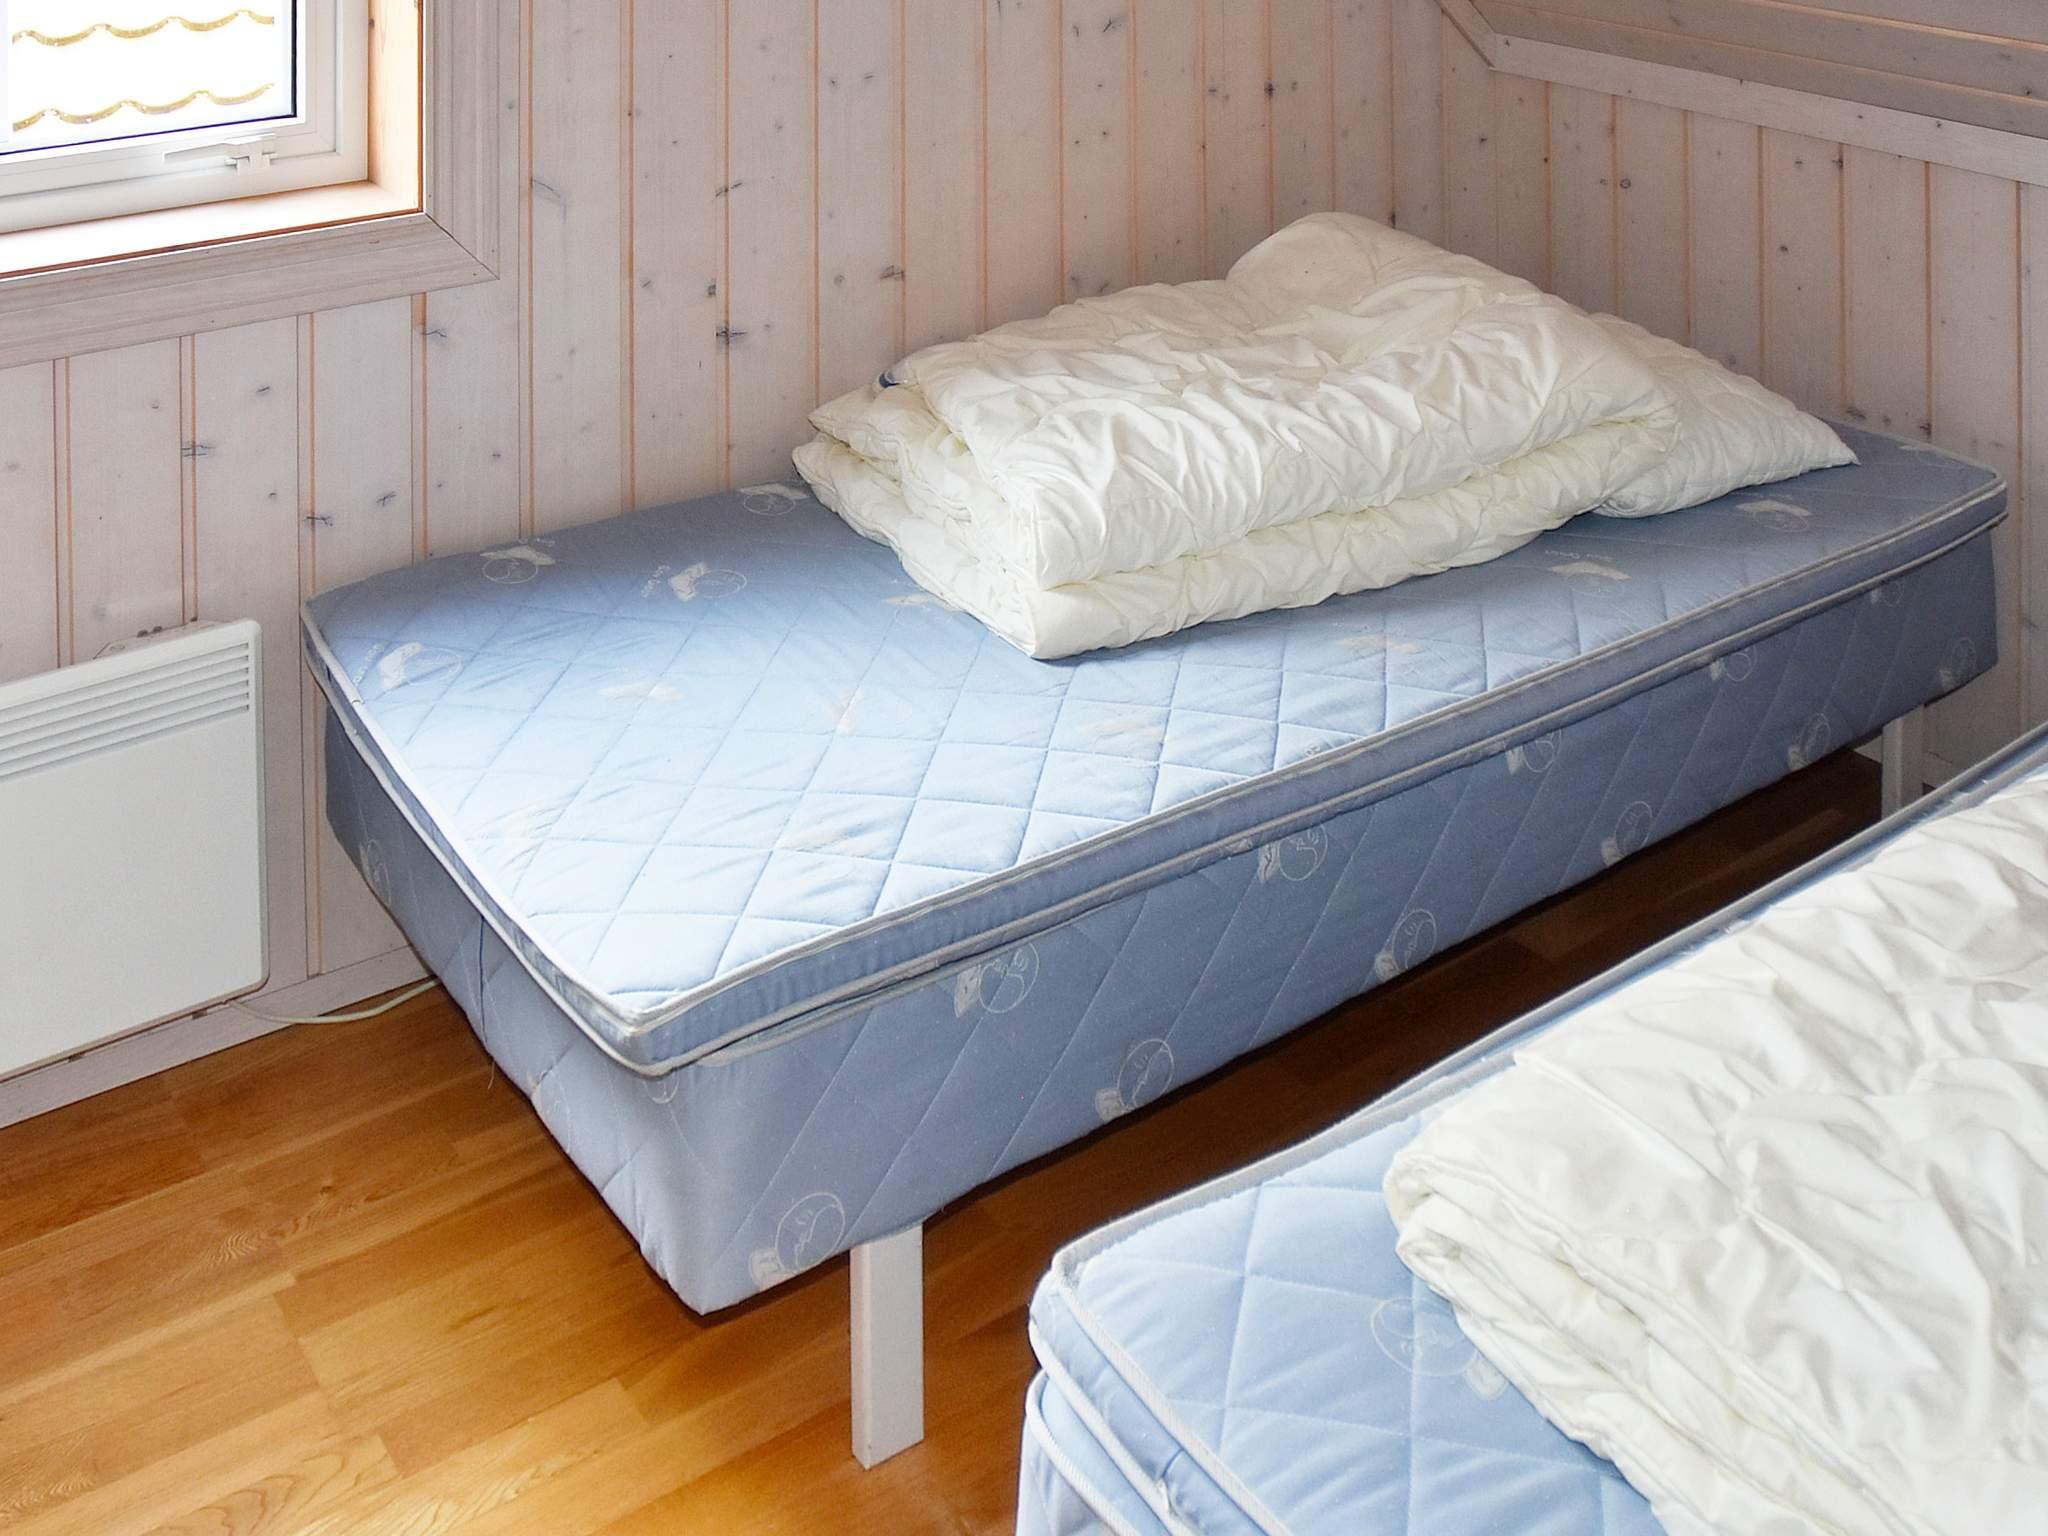 Ferienhaus Haugsbygda (252734), Haugsbygda, More - Romsdal, Westnorwegen, Norwegen, Bild 21